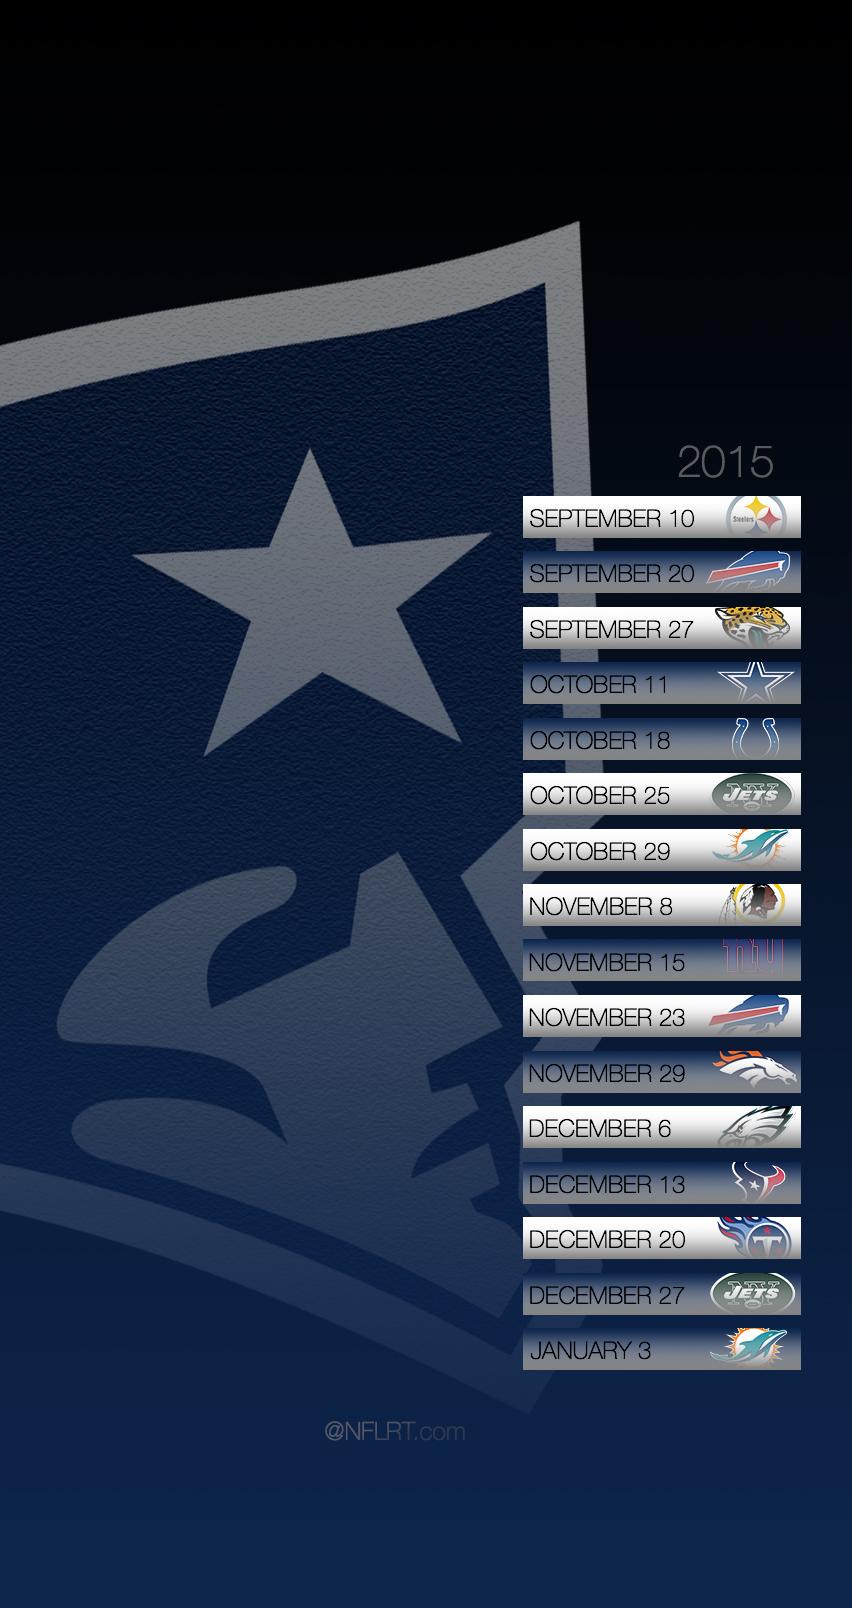 2015 NFL Schedule Wallpapers   NFLRT 852x1608